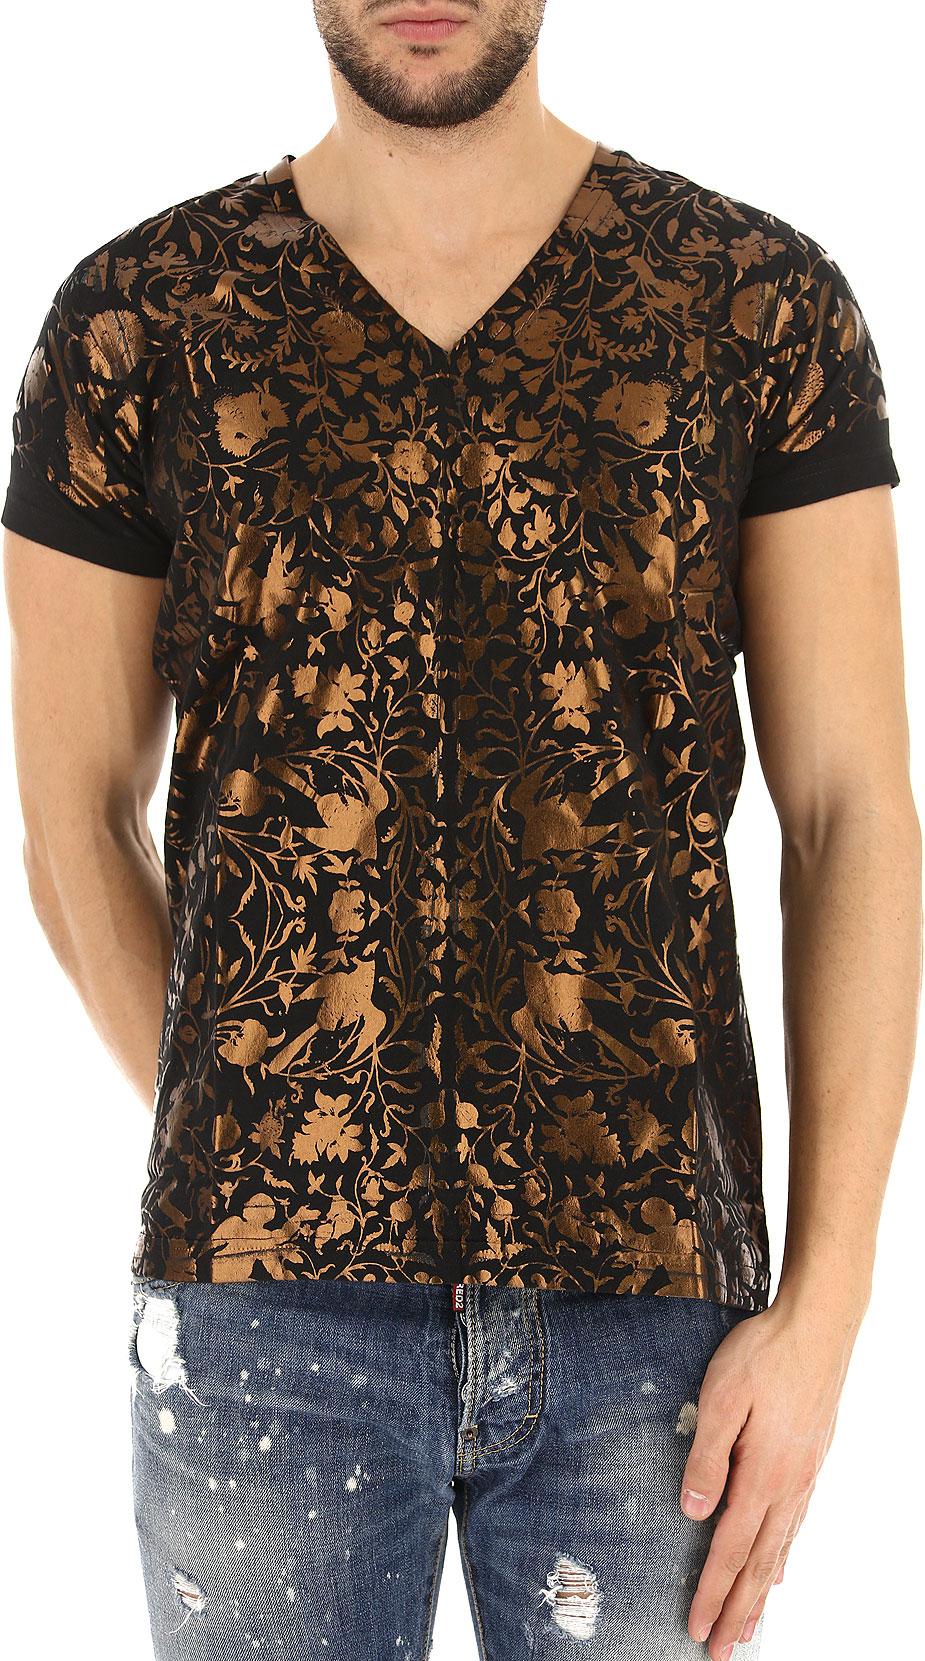 Abbigliamento Uomo Unconditional, Codice Articolo: plc2-p-nero